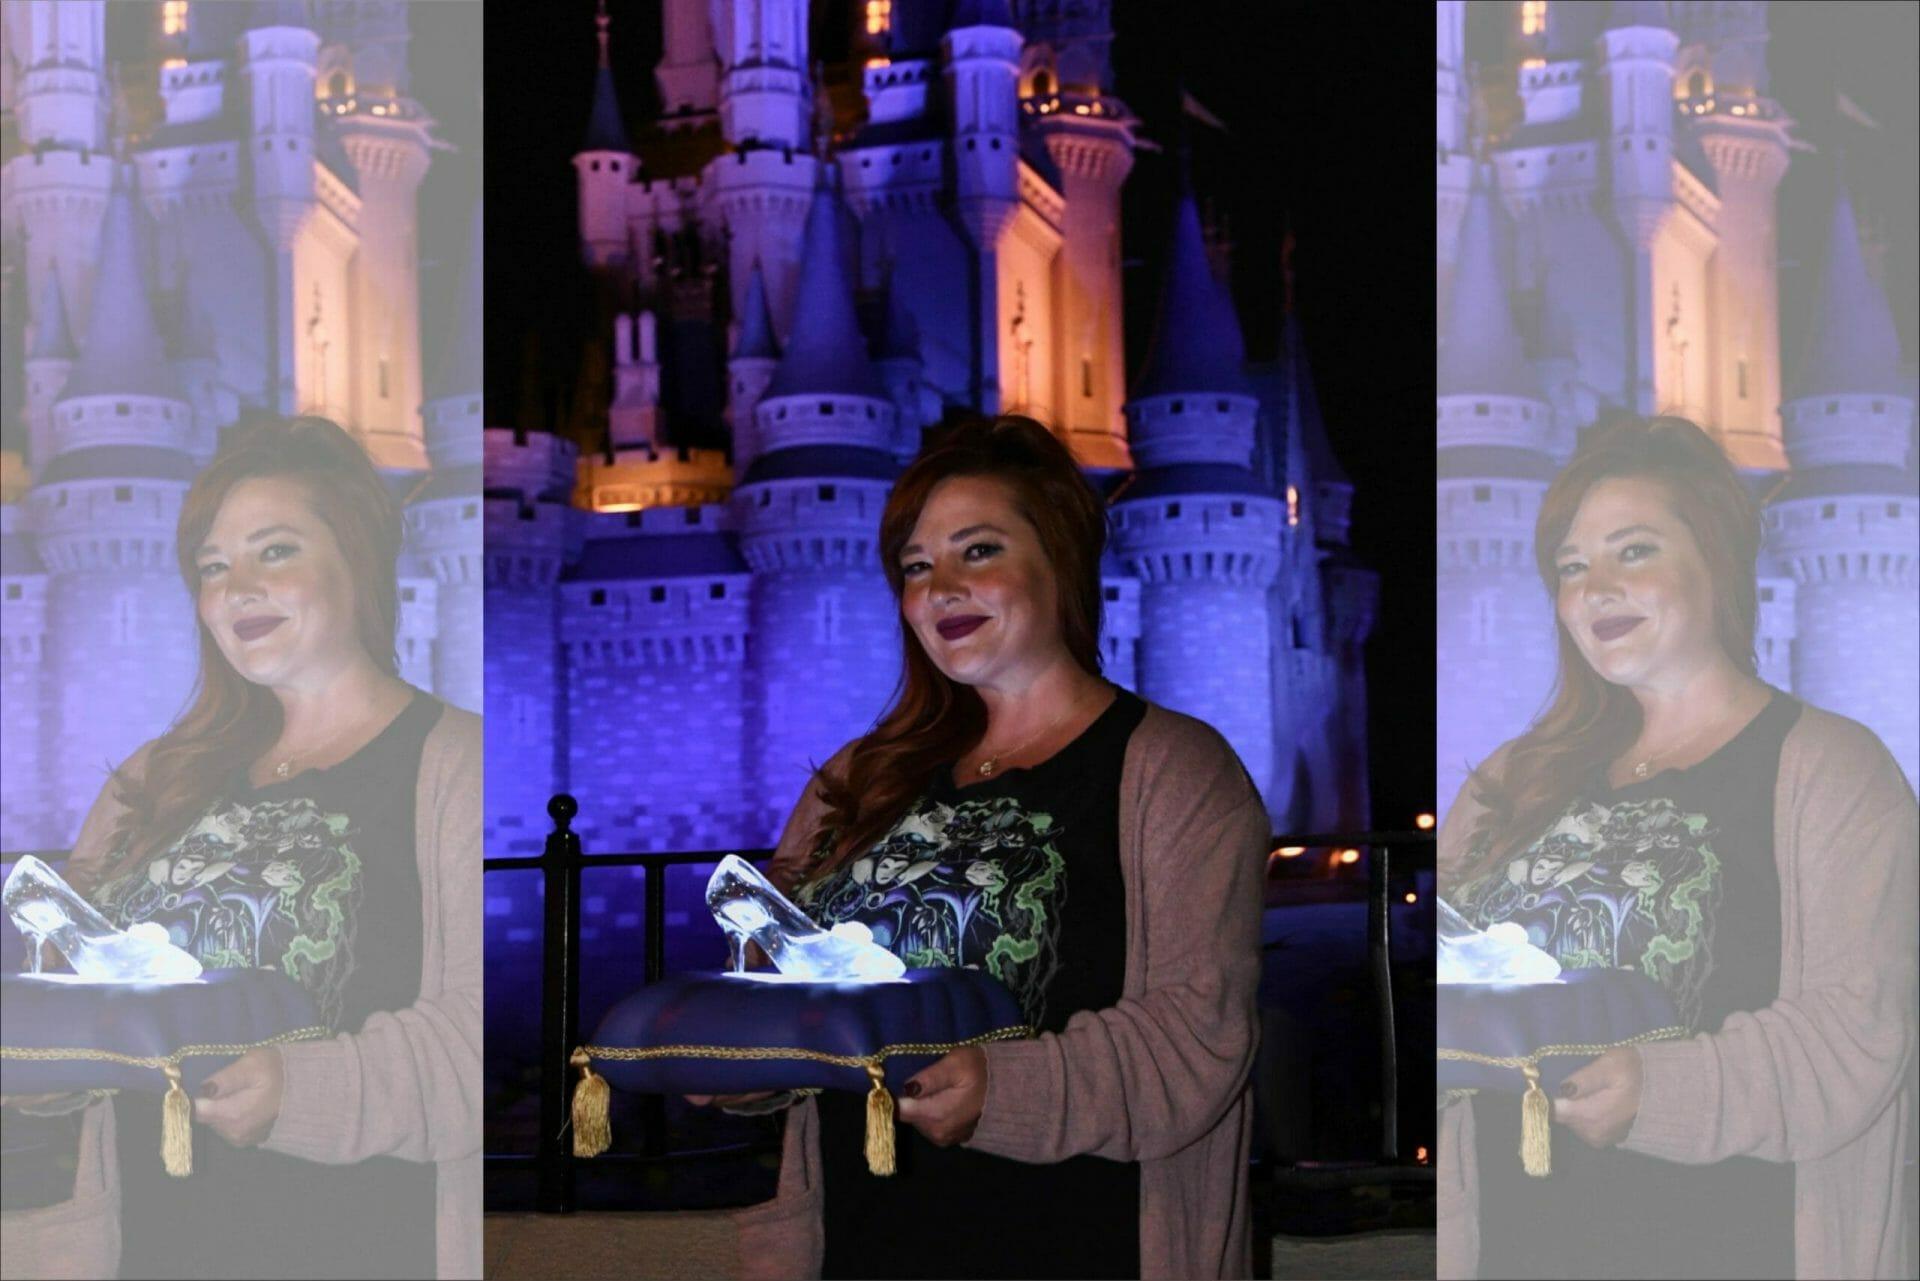 Cinderella slipper photopass